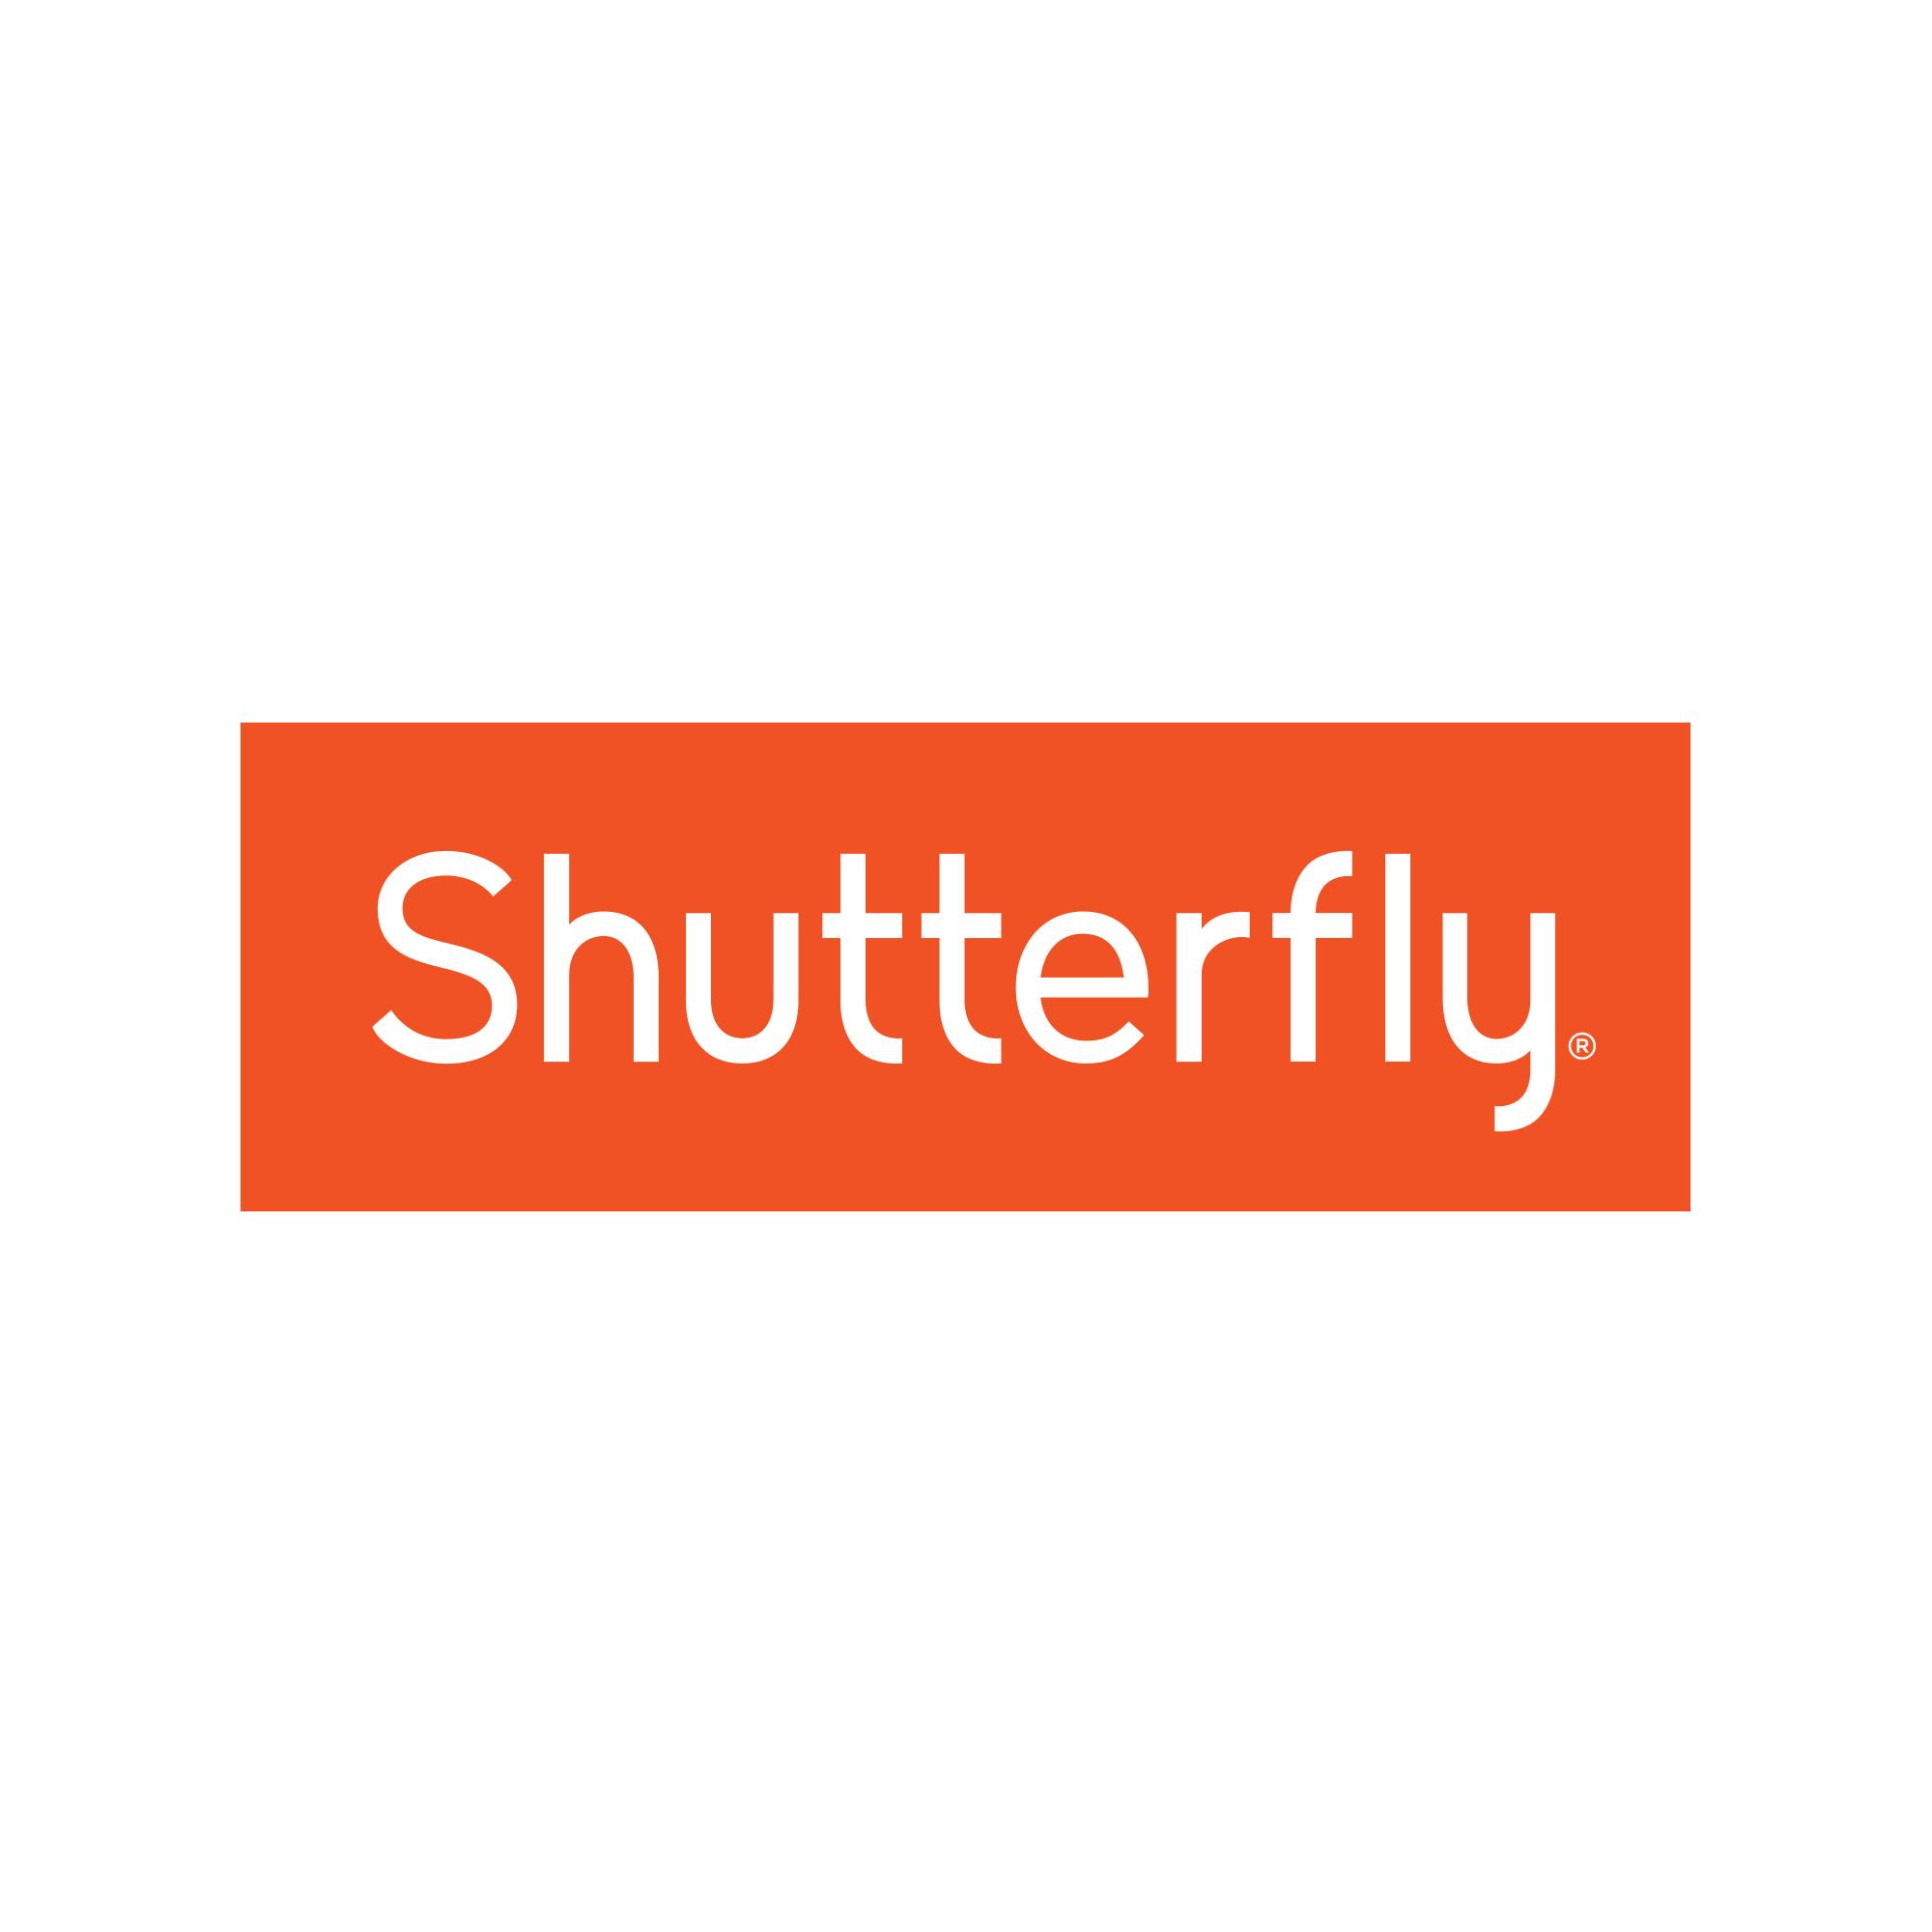 Logo_Shutterfly.jpg